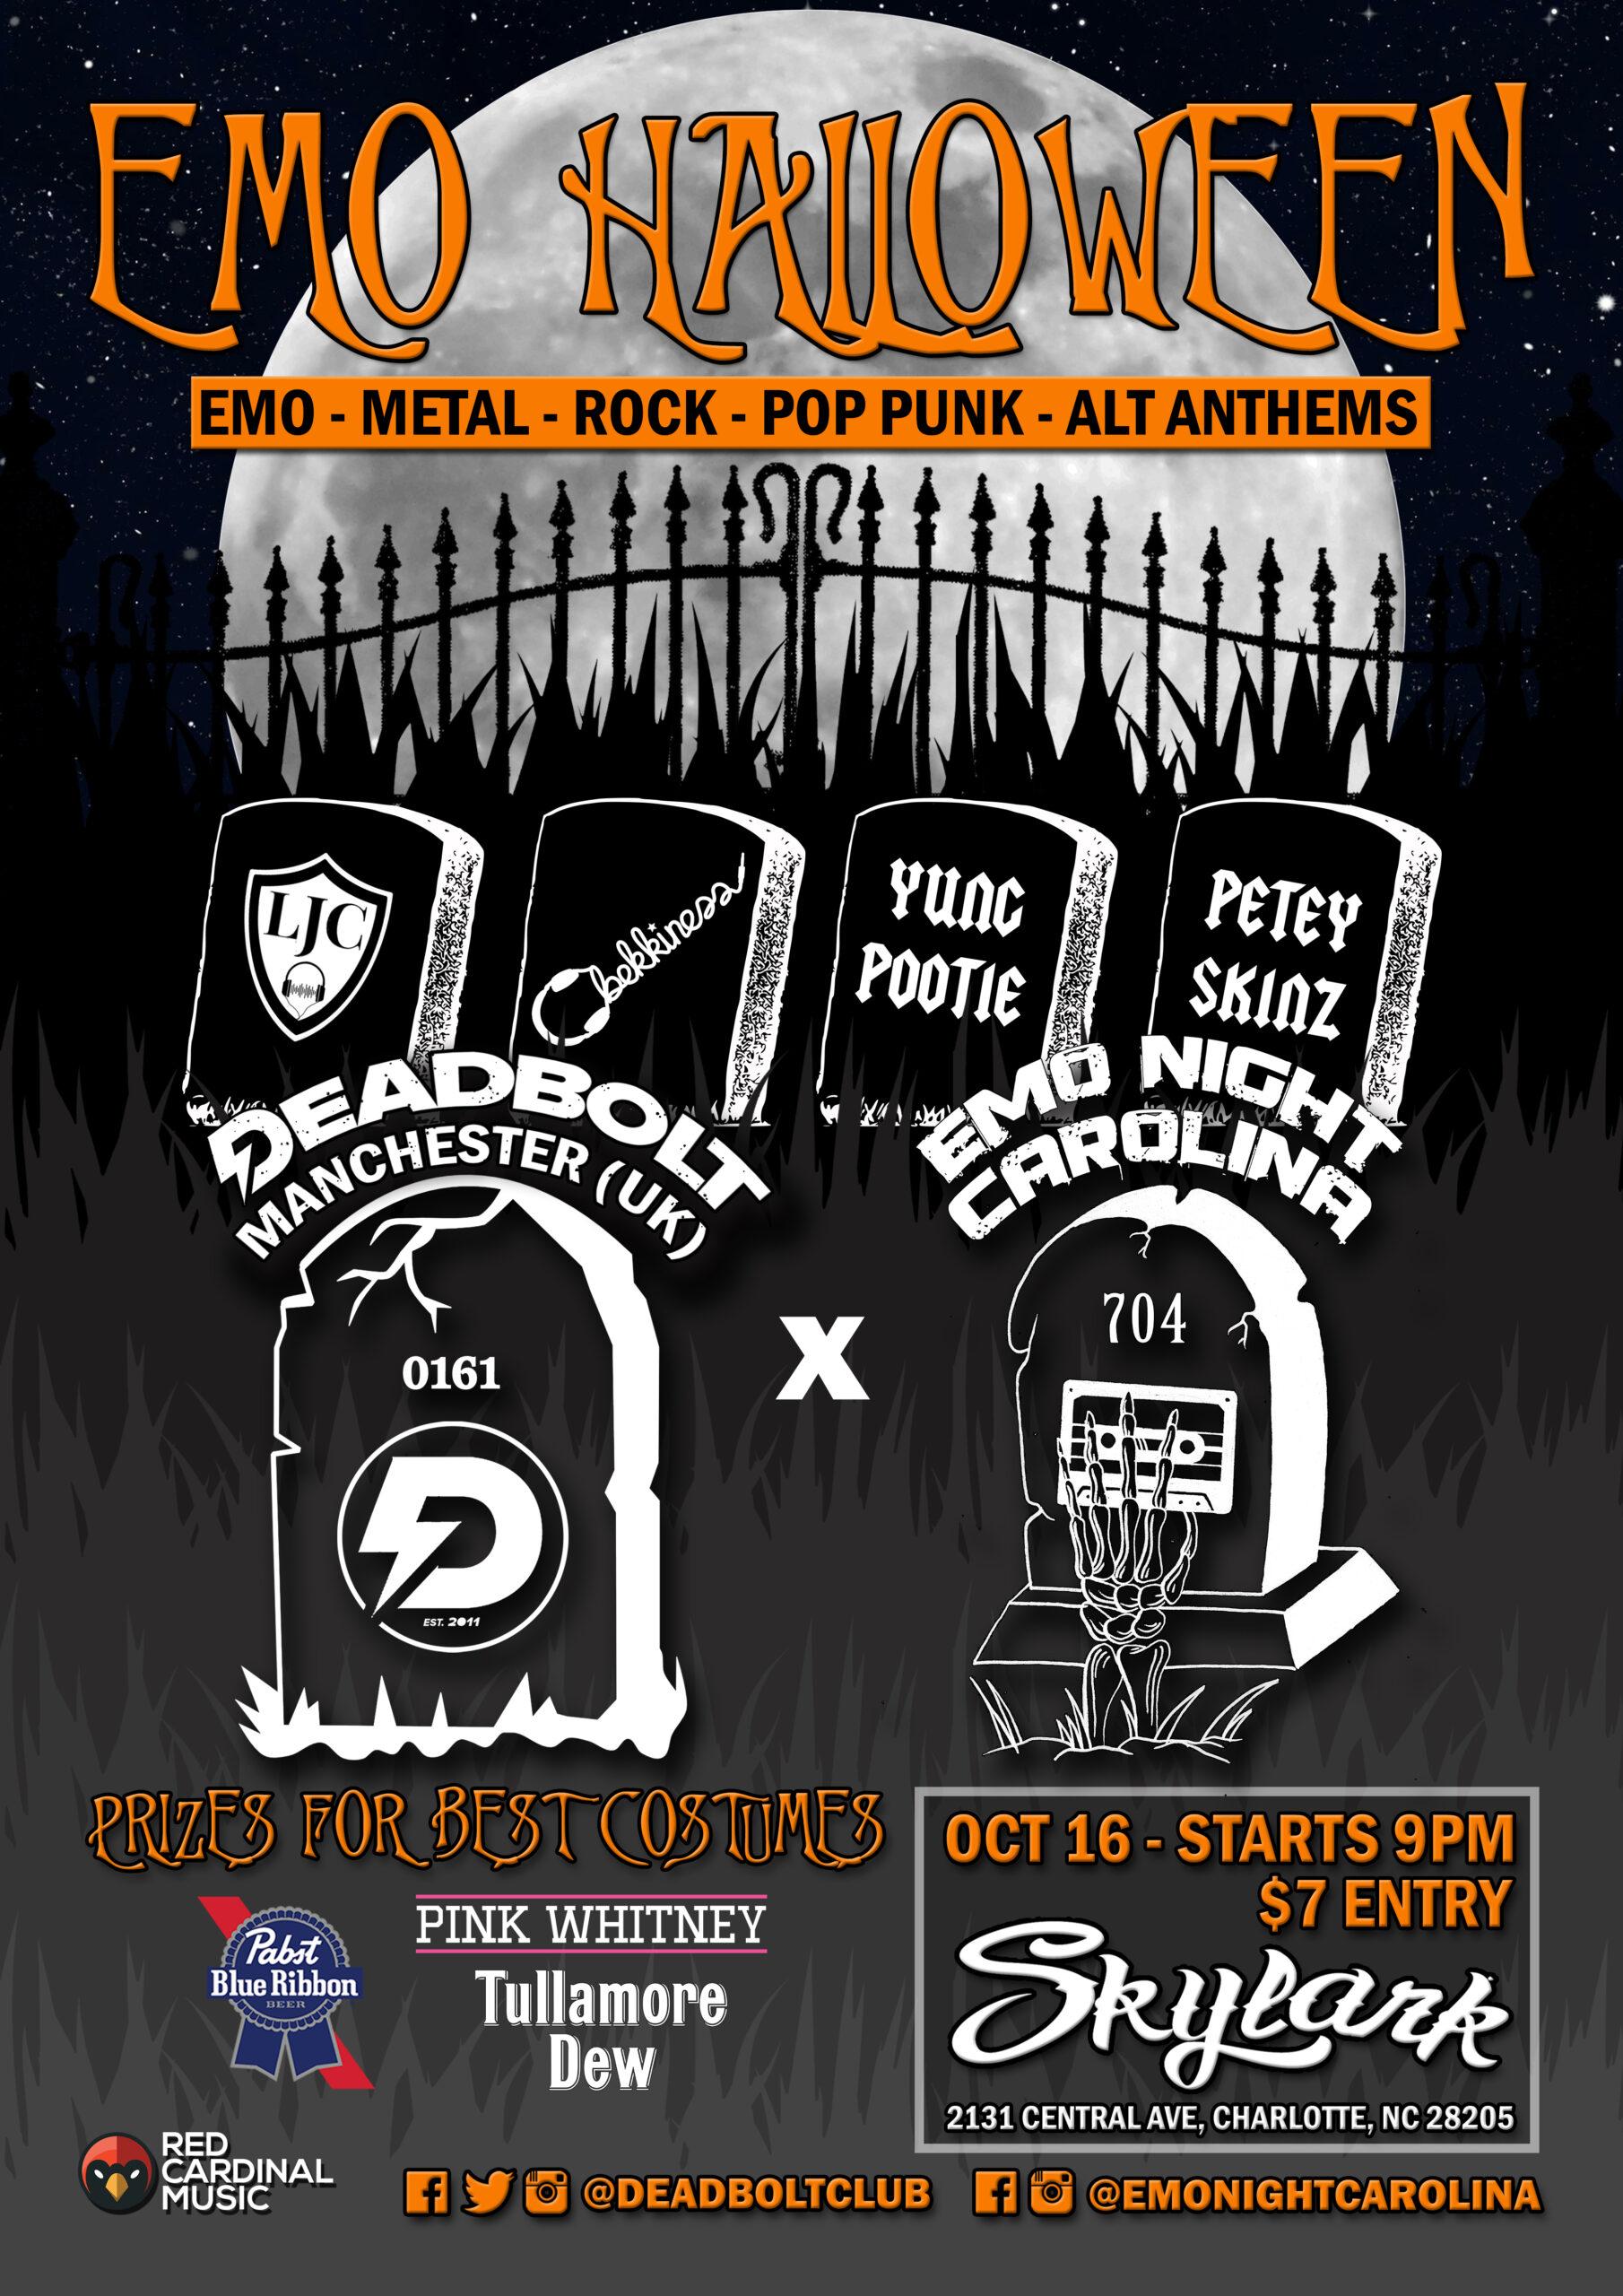 Deadbolt x Emo Night Carolina - Halloween 2021 - Charlotte